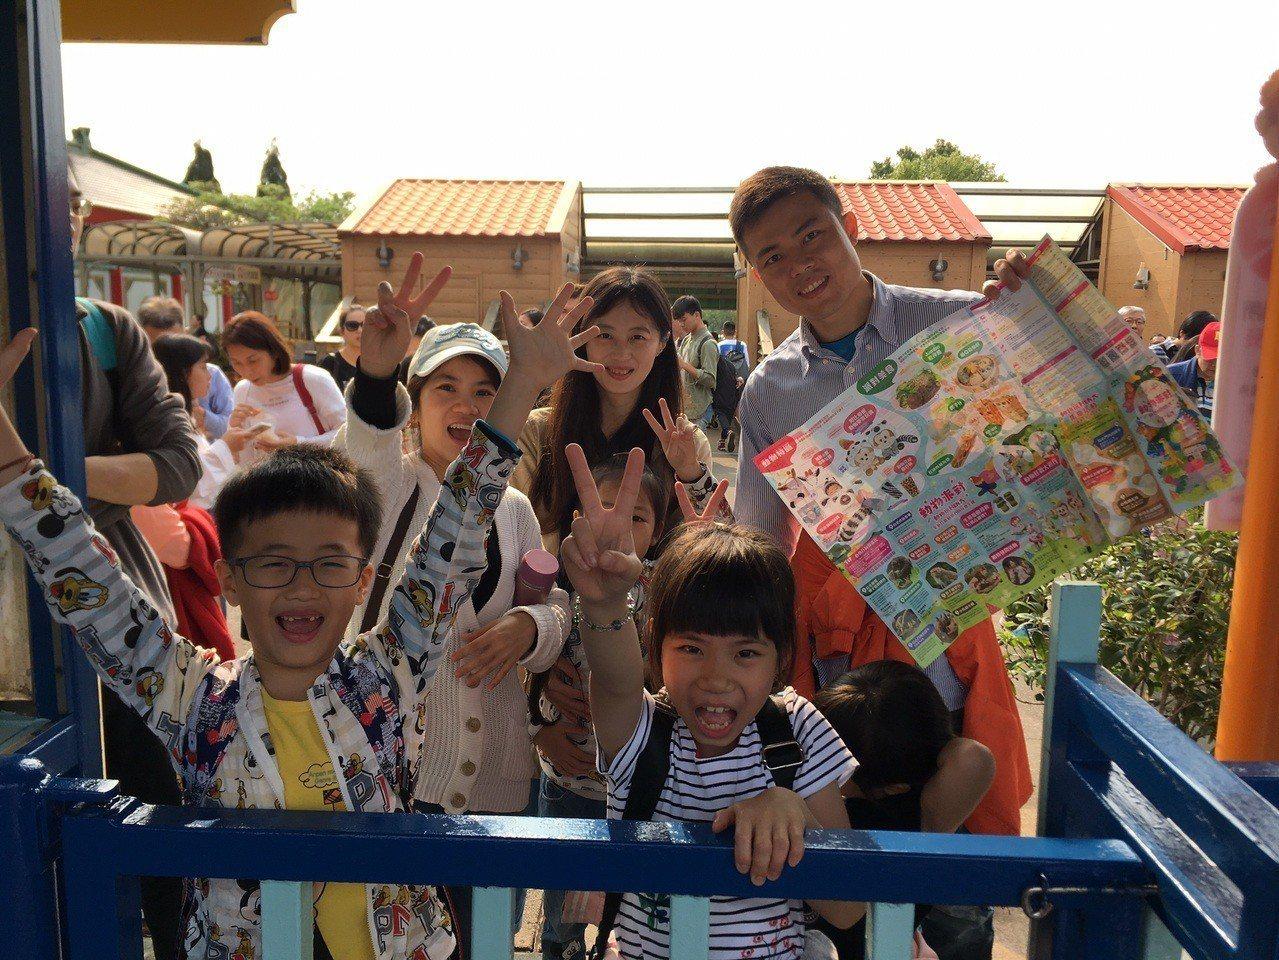 兒童節四天連假首日,天公作美給了舒適晴朗的天氣,六福村主題遊樂園一早即湧現車潮、...